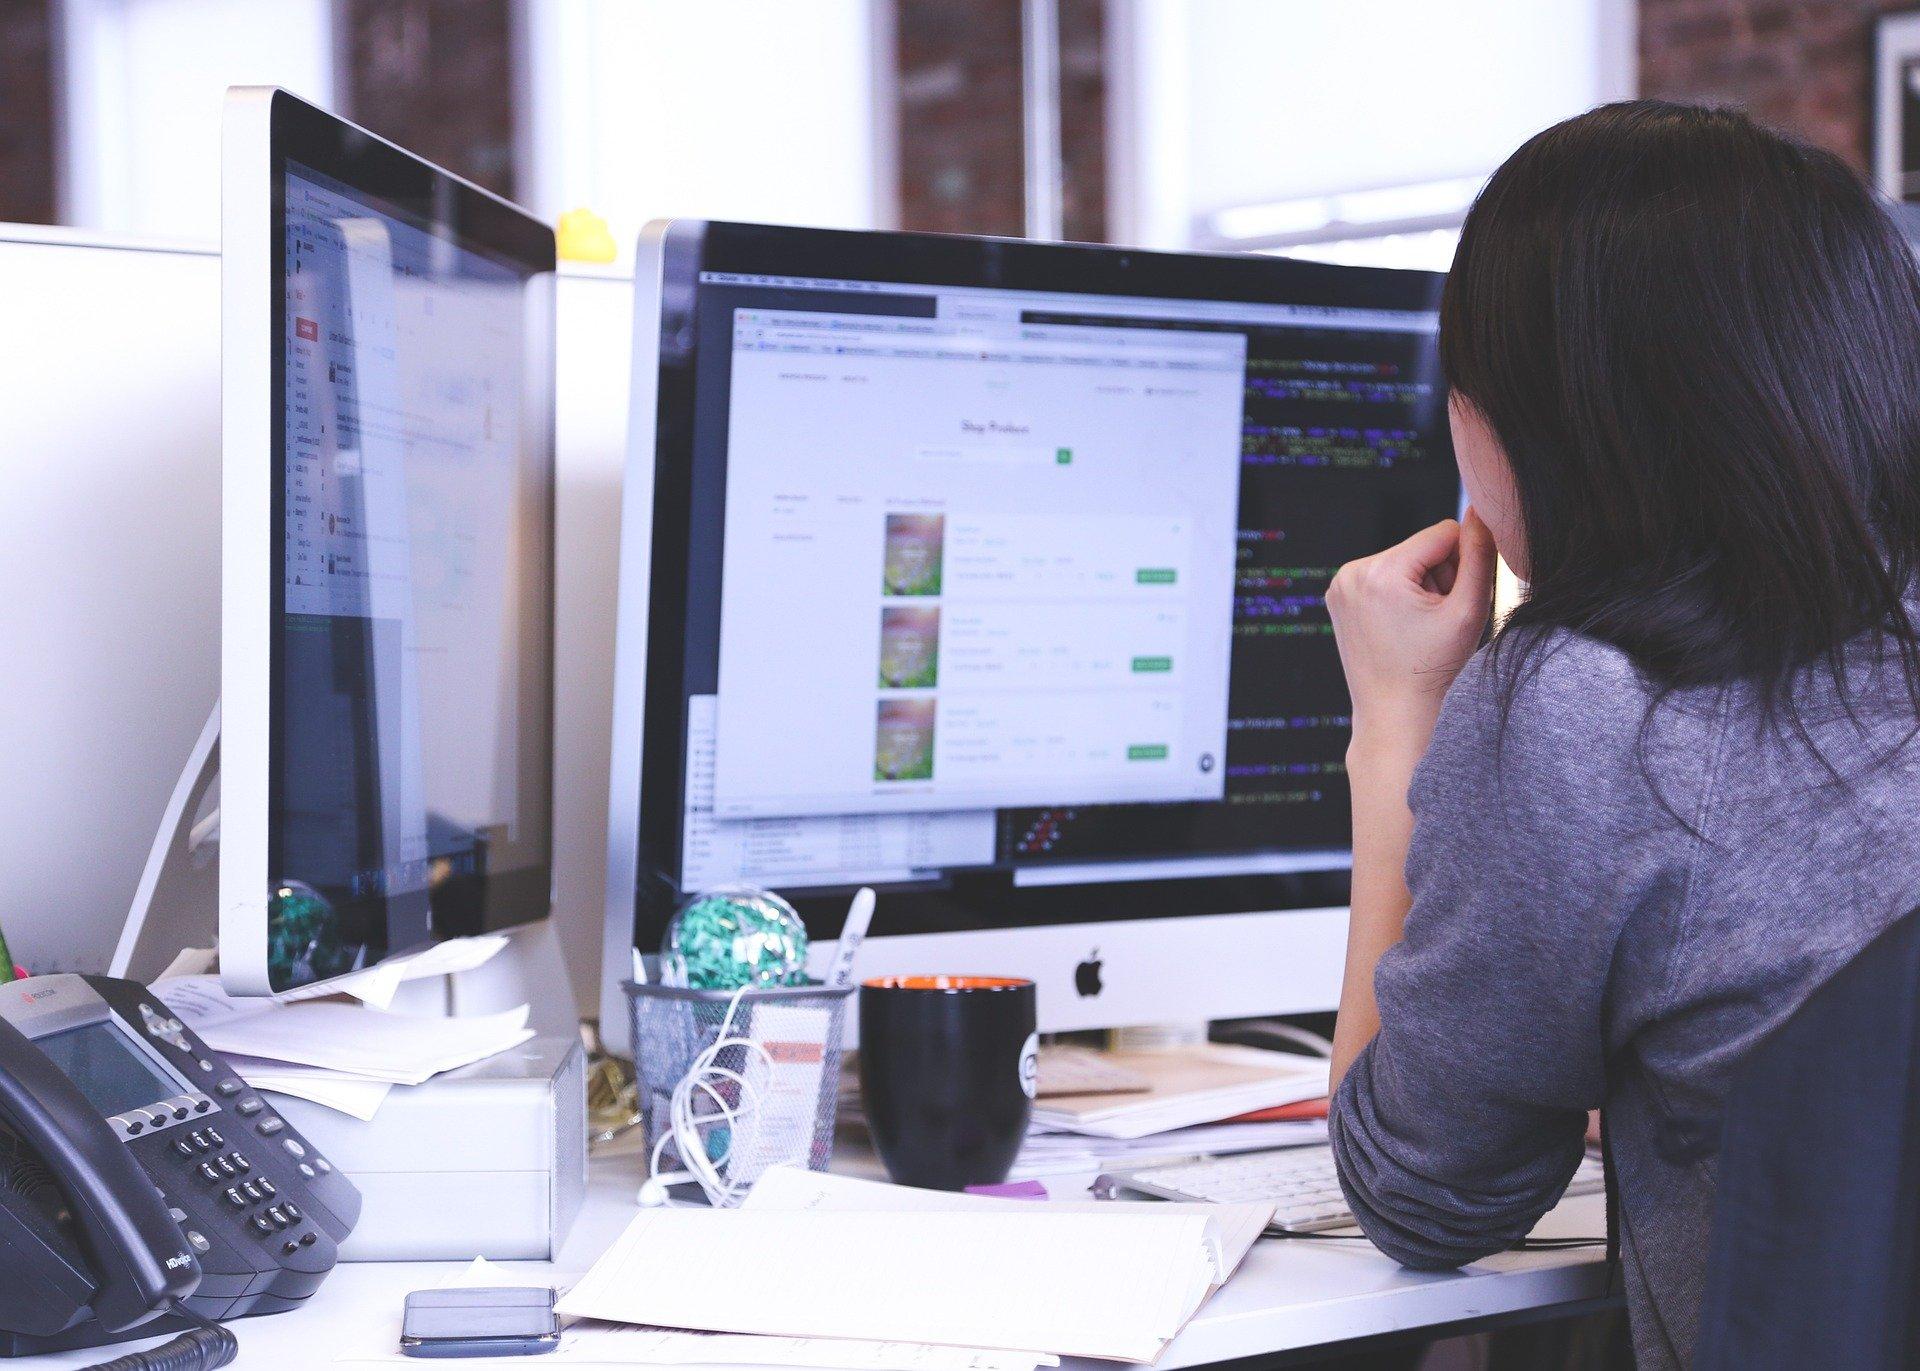 Plataforma LMS para empresa: te contamos las ventajas